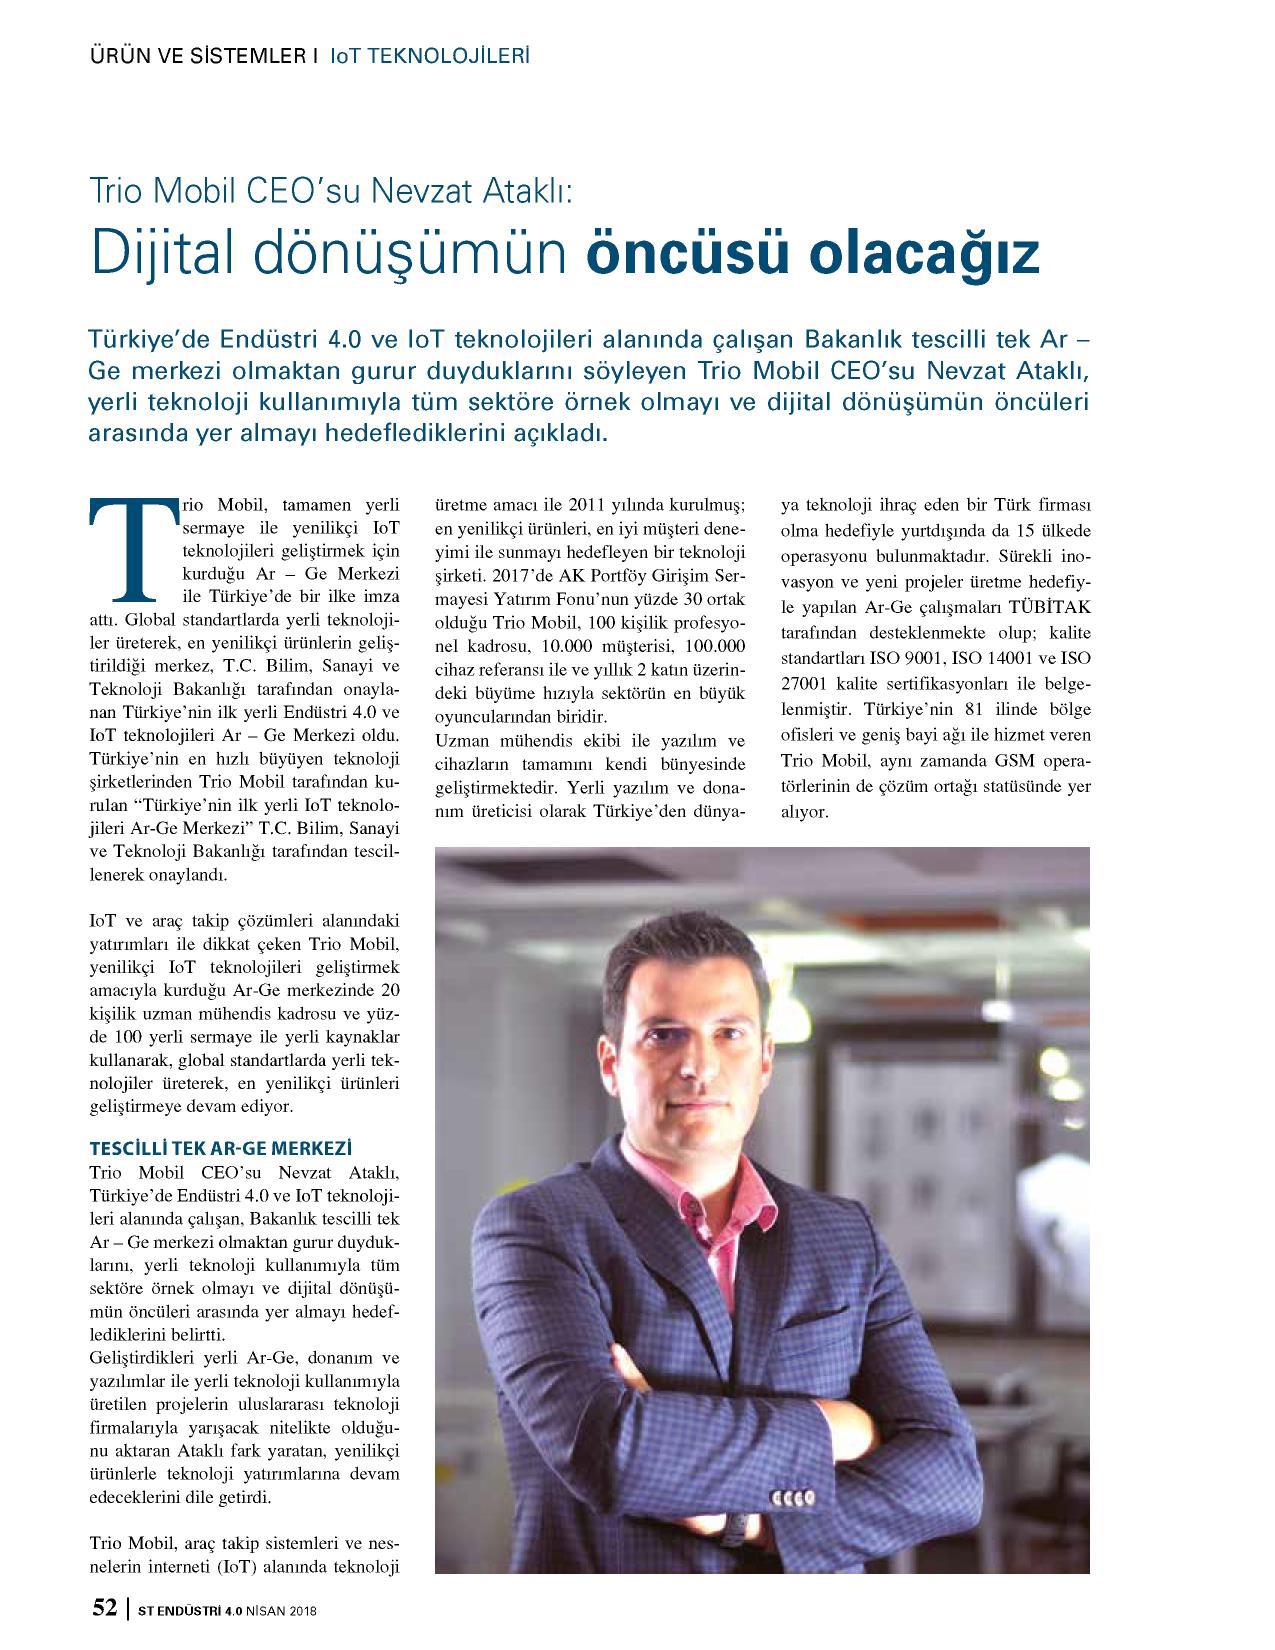 Nursel Bilişim | Pronet Güvenlik | Trio Mobil Araç Takip | Turkcell İletişim Konya Blog